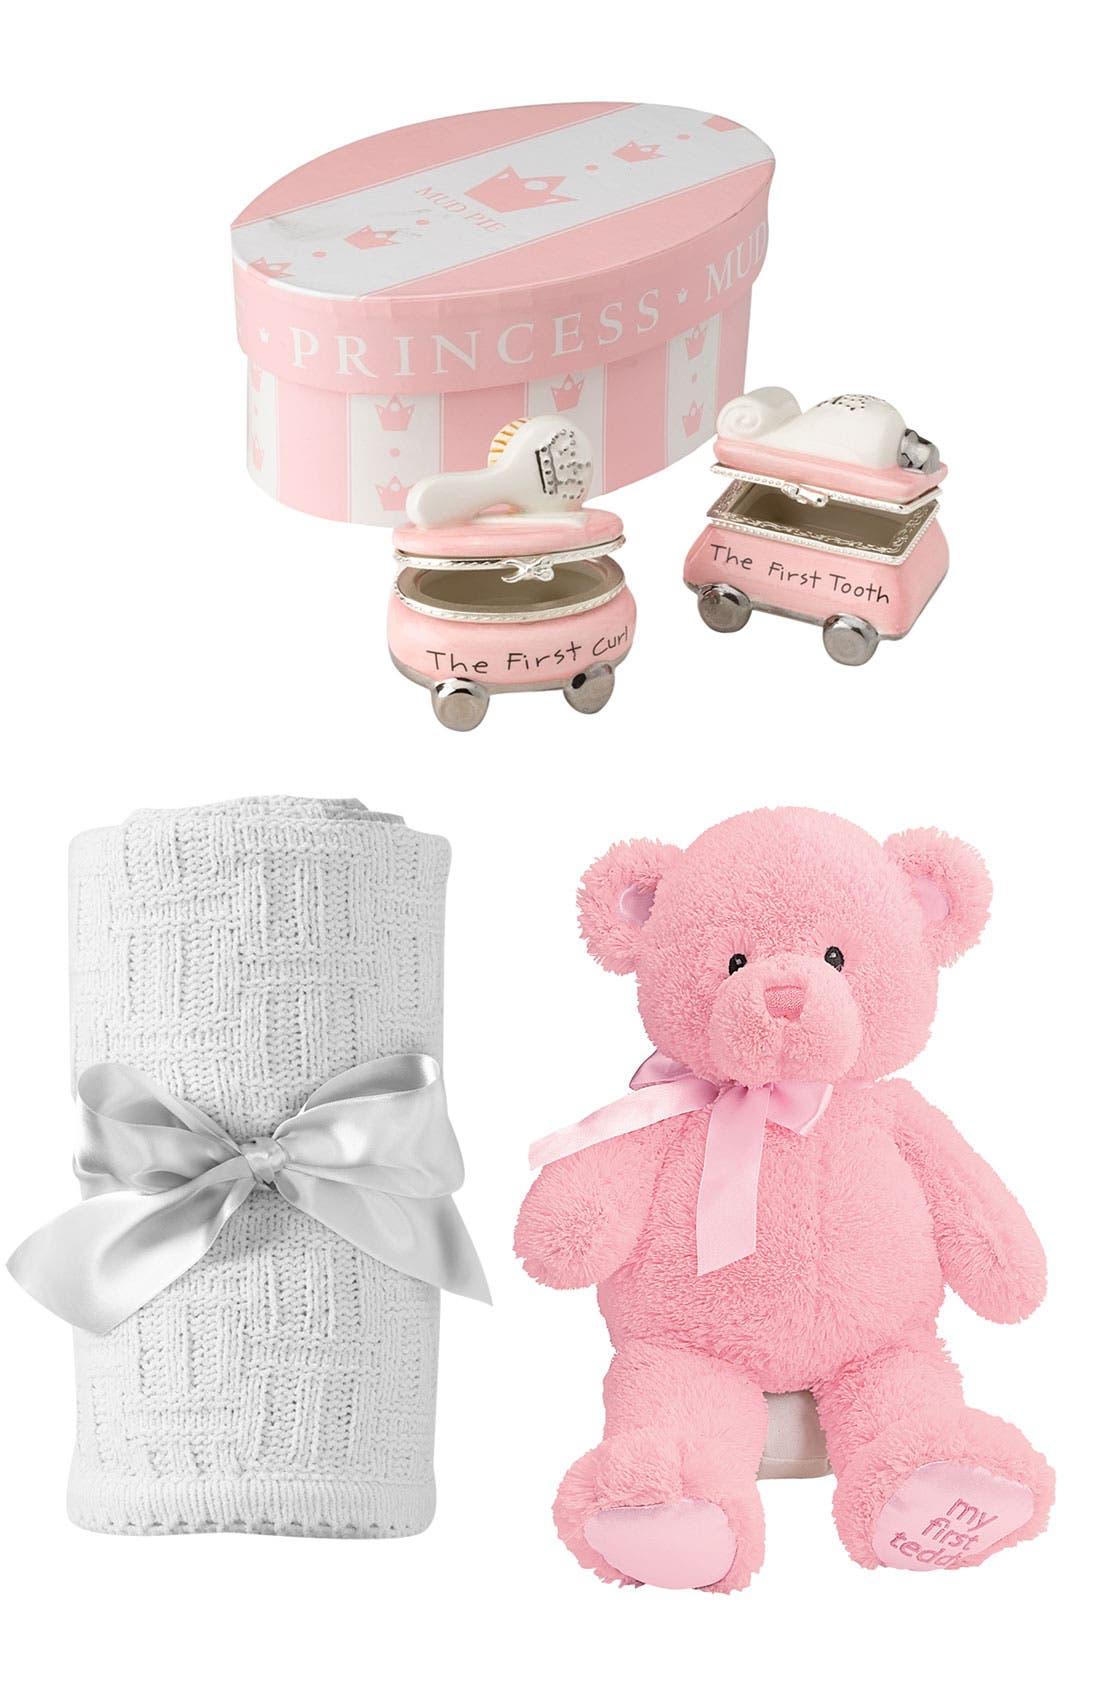 Alternate Image 1 Selected - Gund Teddy Bear, Mud Pie Treasure Boxes & Nordstrom Blanket